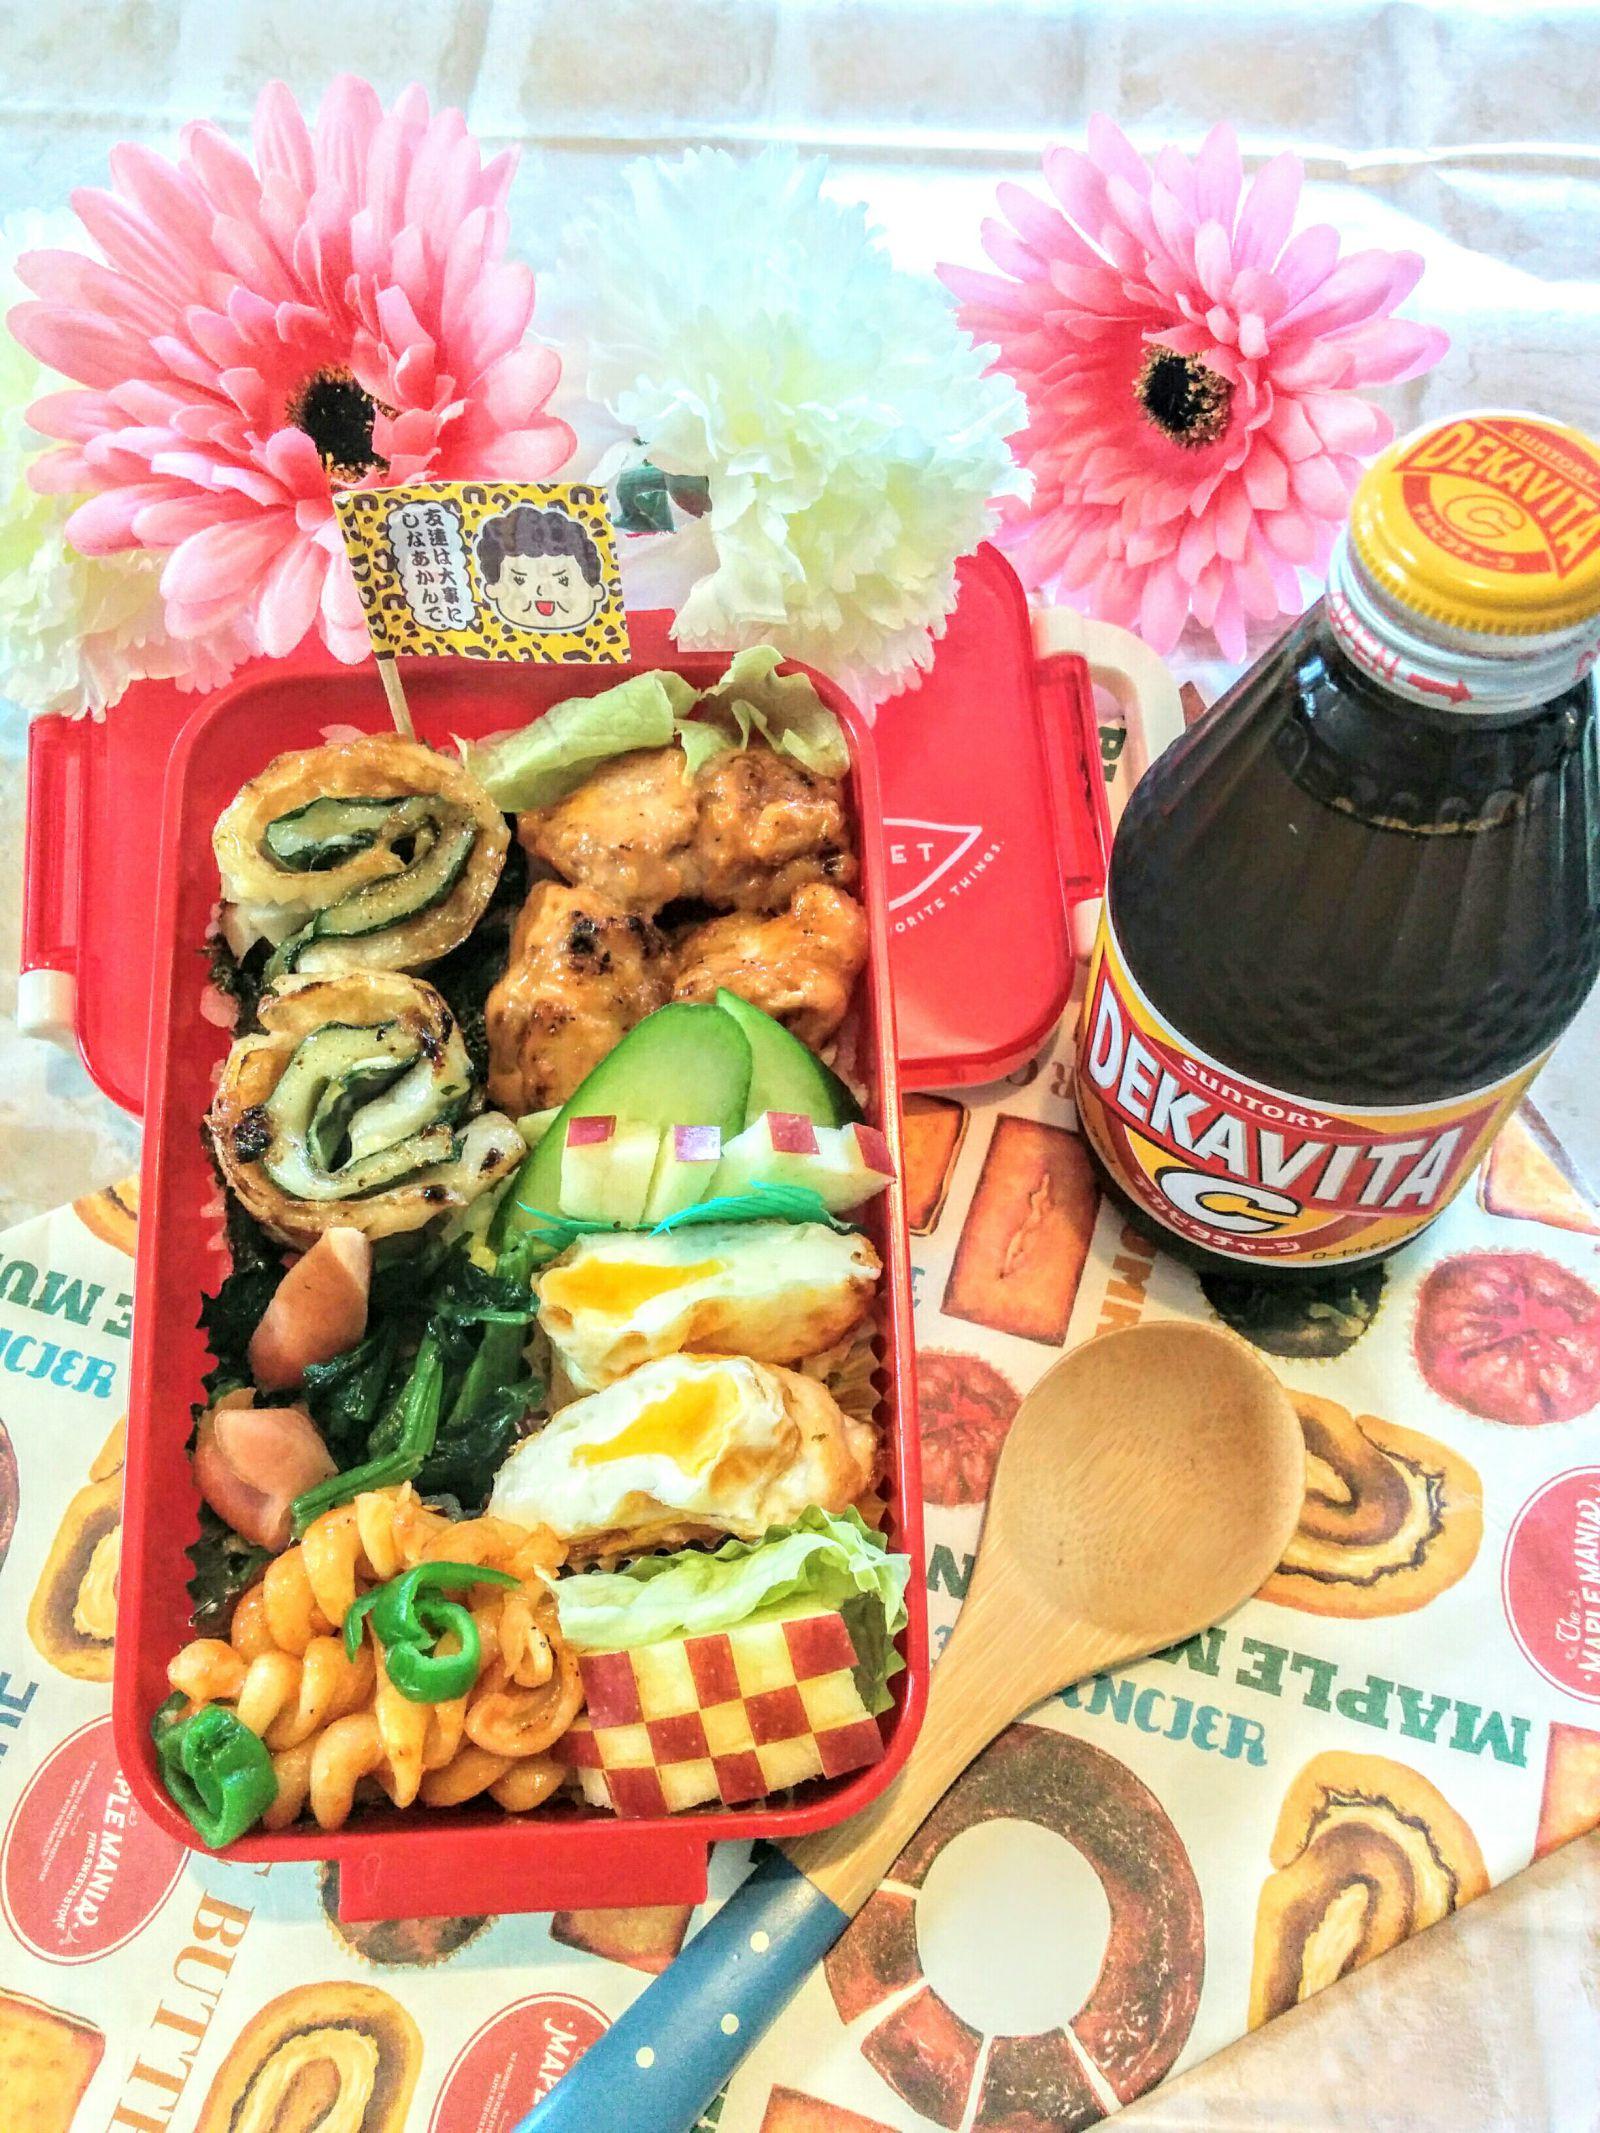 【小樽】娘の今日のお弁当・鶏ももオーロラソース焼肉弁当グルメ案内です。